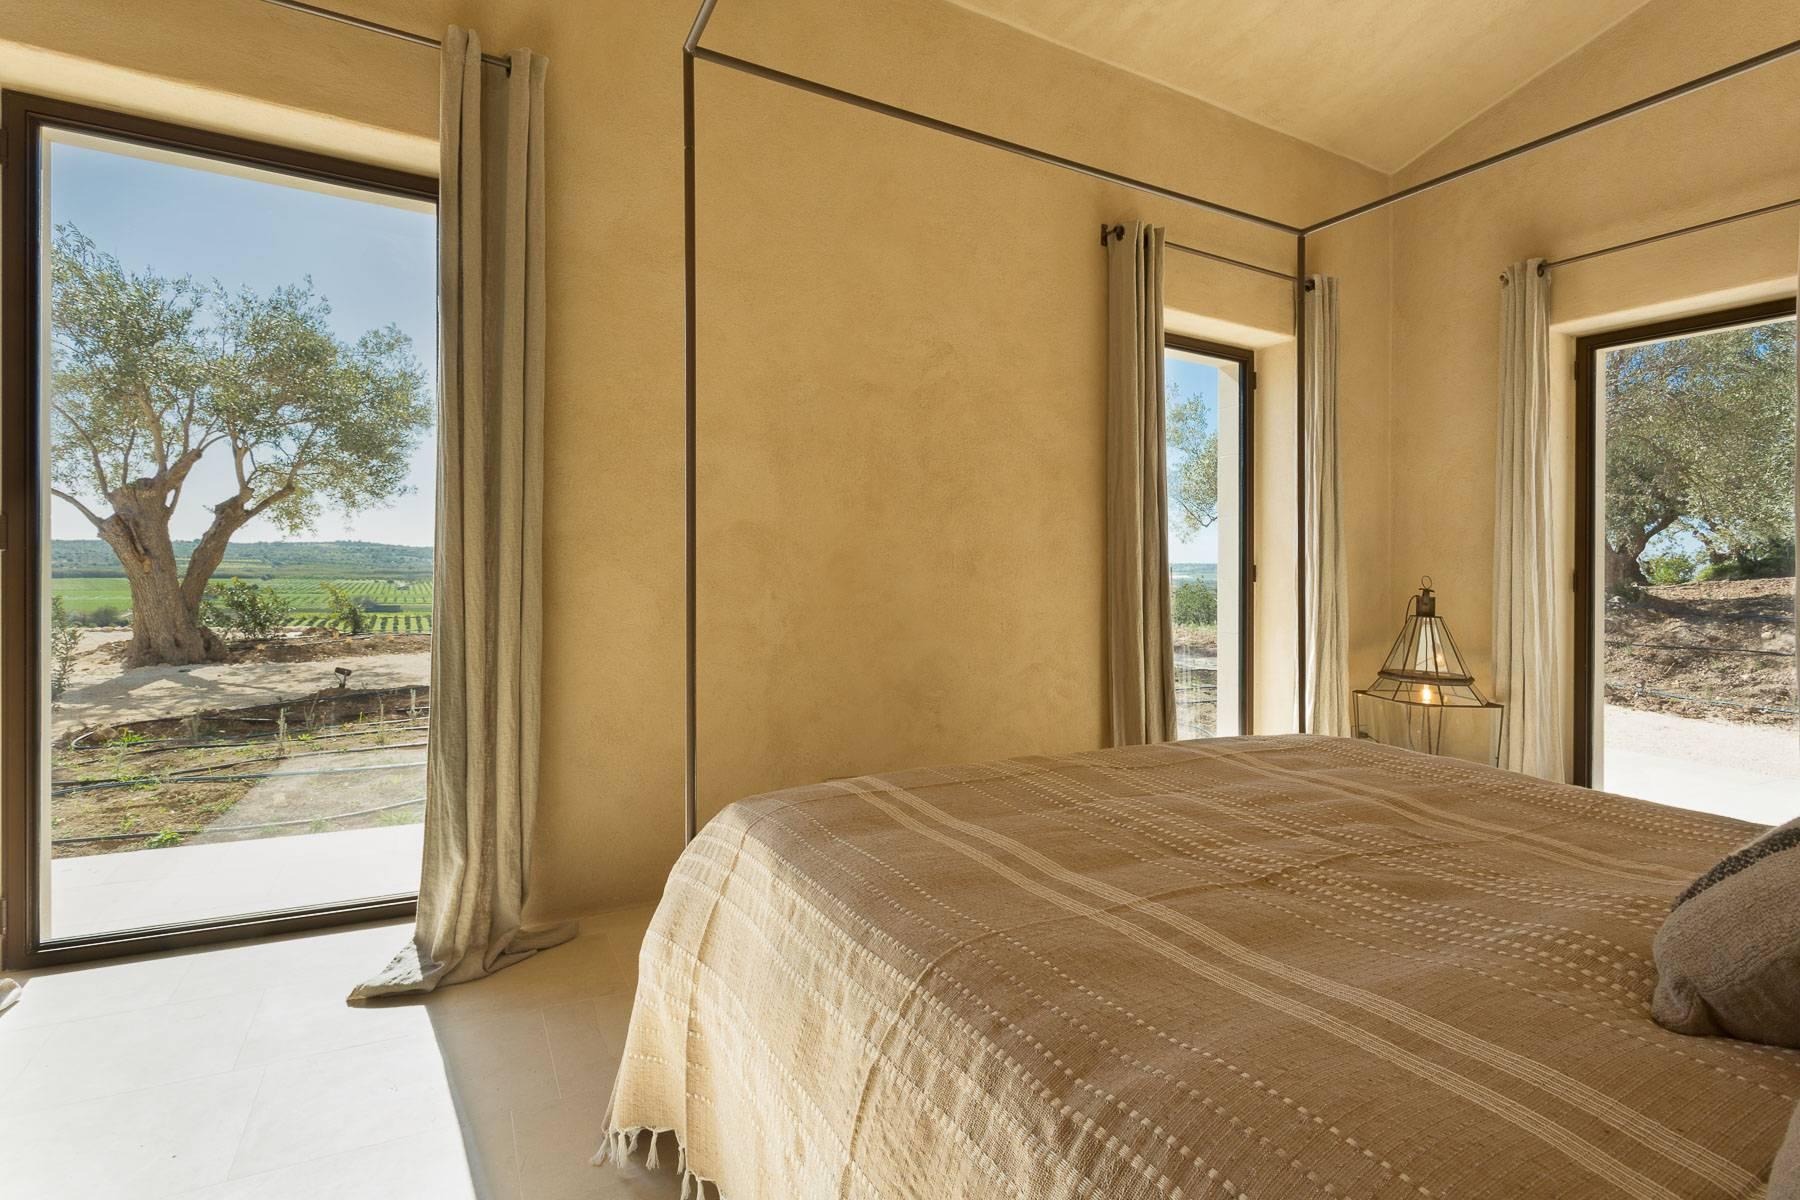 Villa in Vendita a Noto: 5 locali, 270 mq - Foto 11